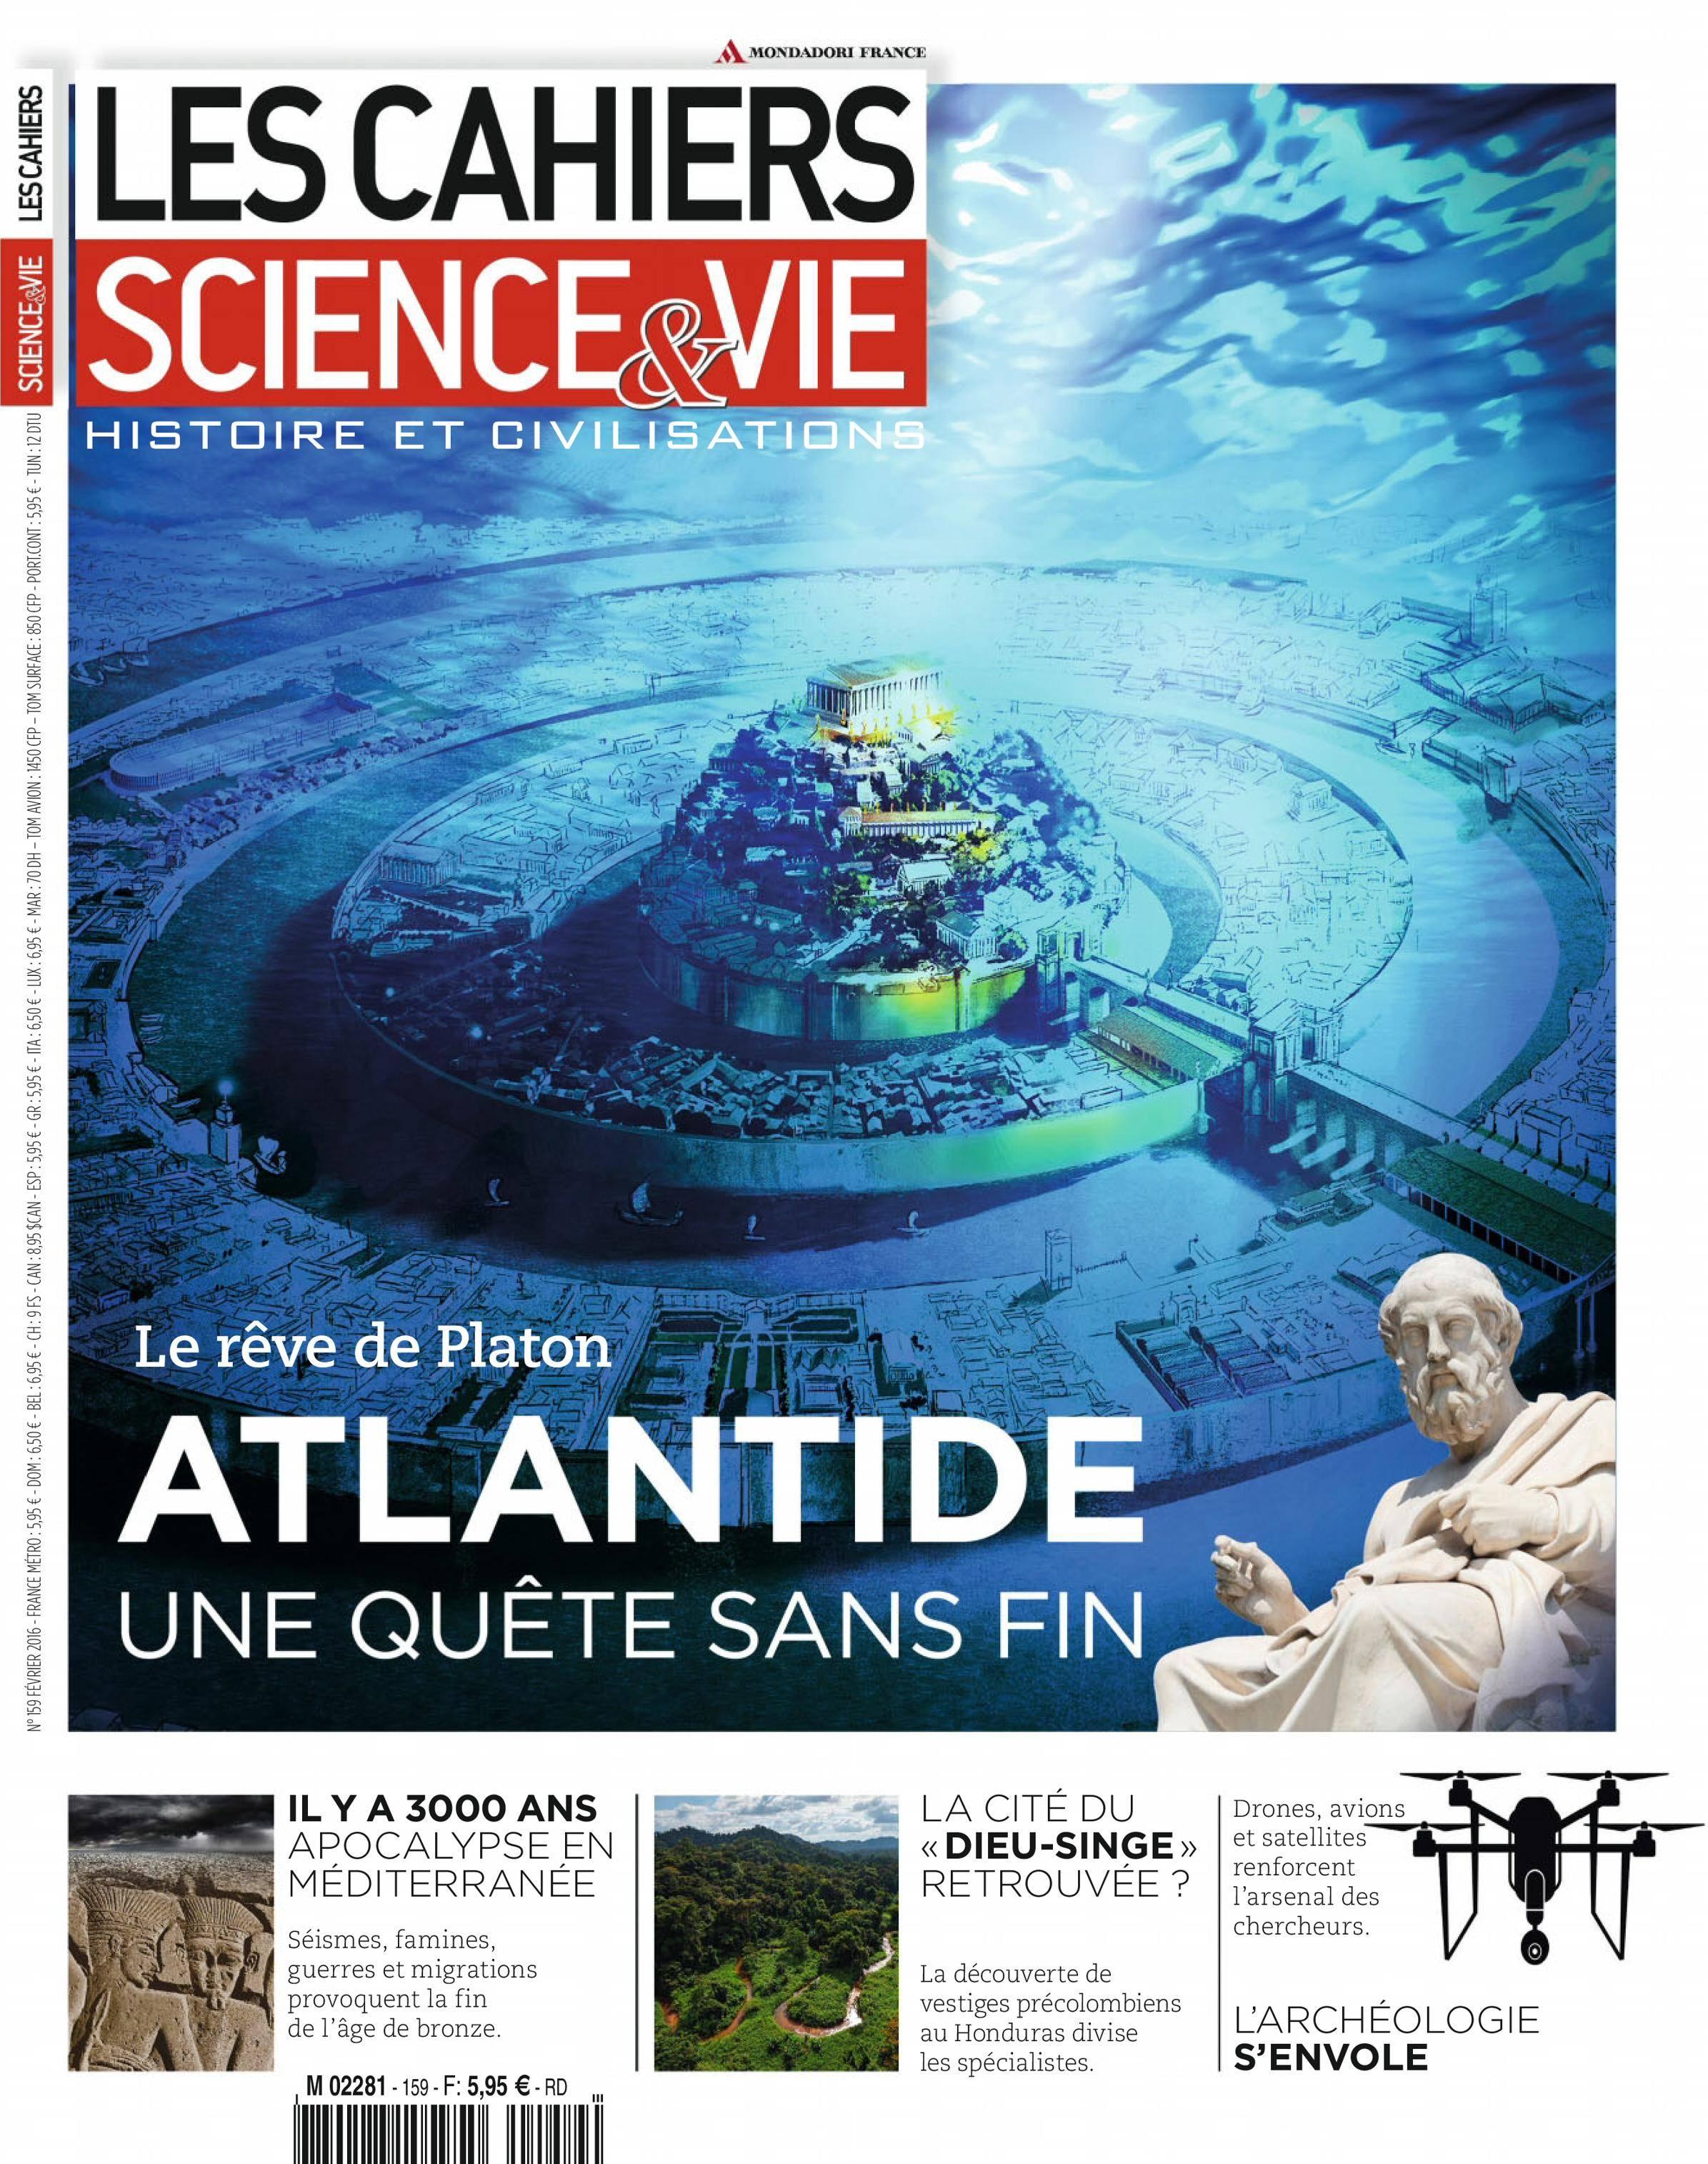 Les Cahiers de Science & Vie - février 2016